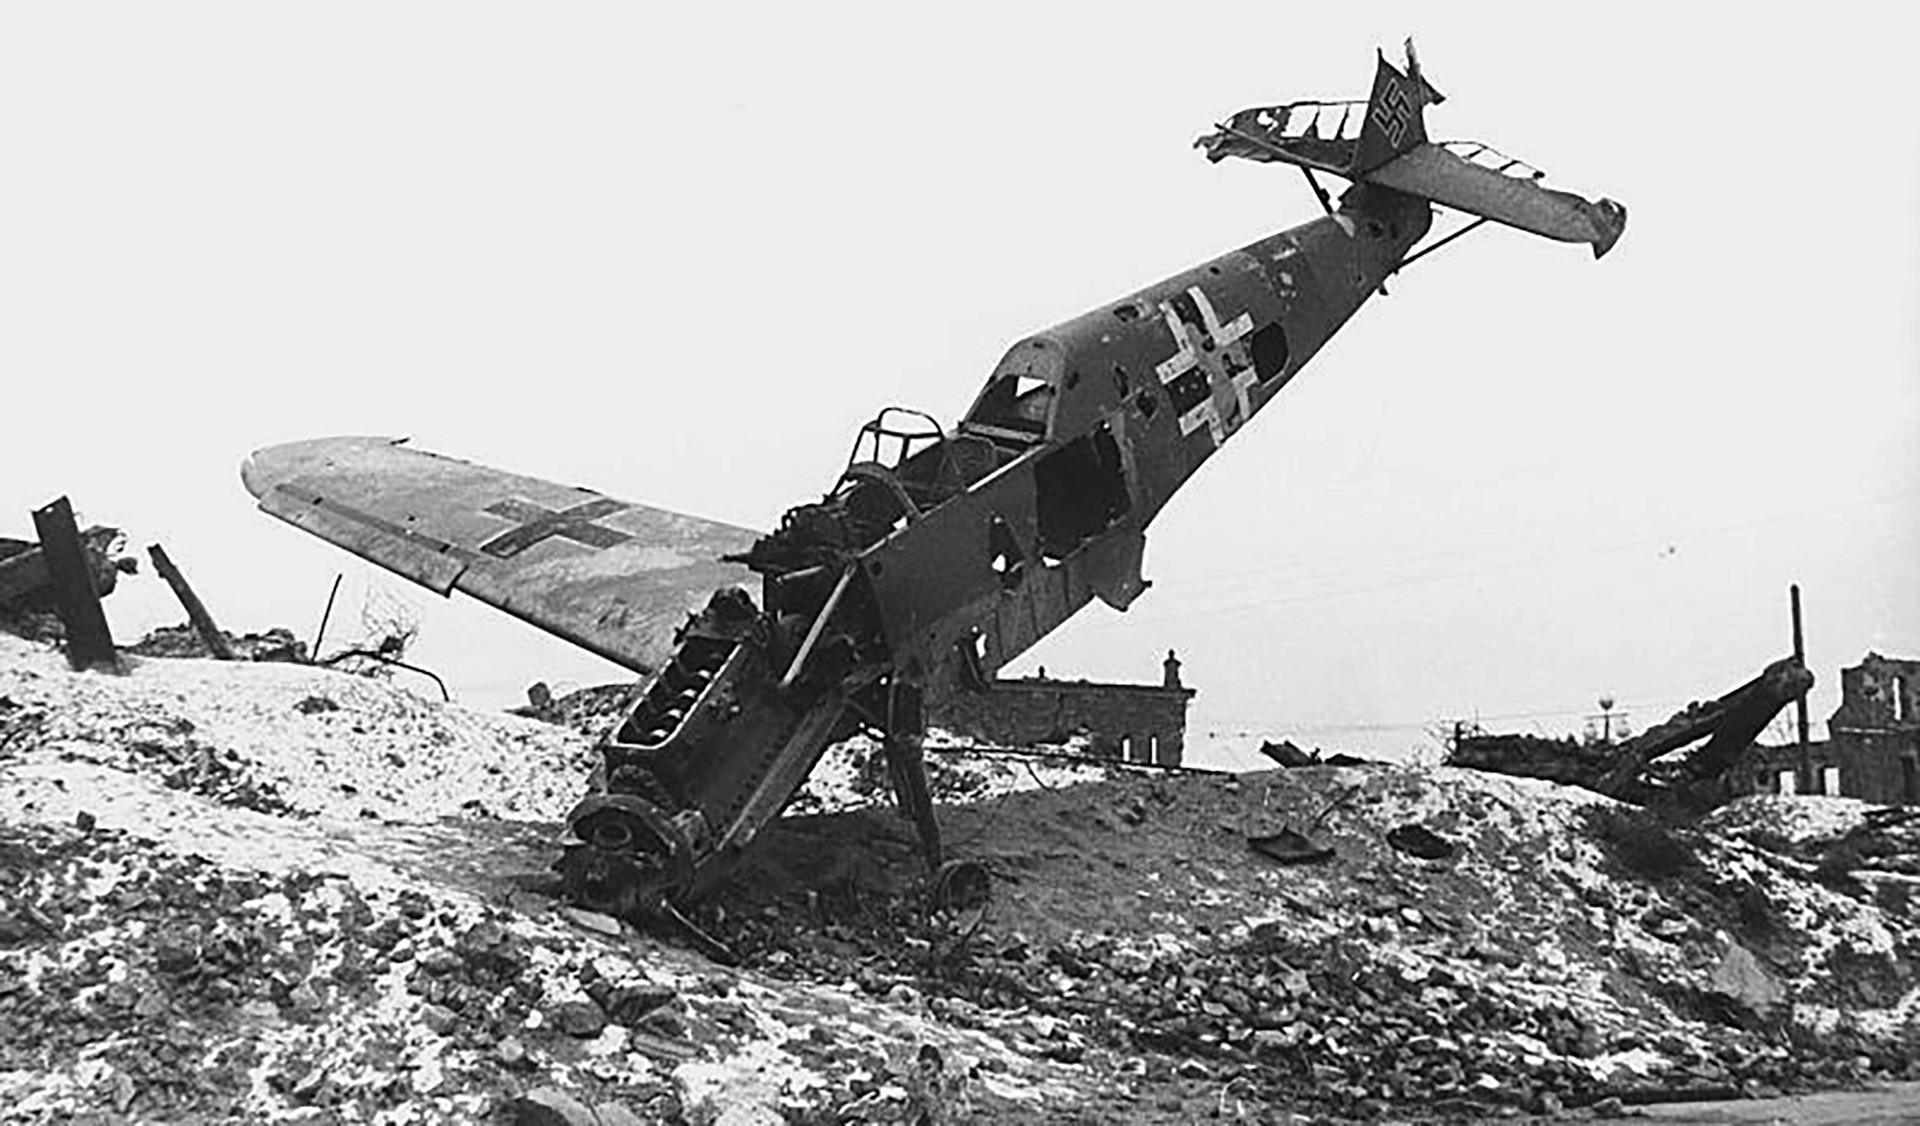 ドイツ軍は、11月19日に始まったソ連軍の大攻勢(ウラヌス作戦)を予期していなかった。その結果、ソ連軍は、ドイツの第6軍とその同盟国の部隊を包囲。